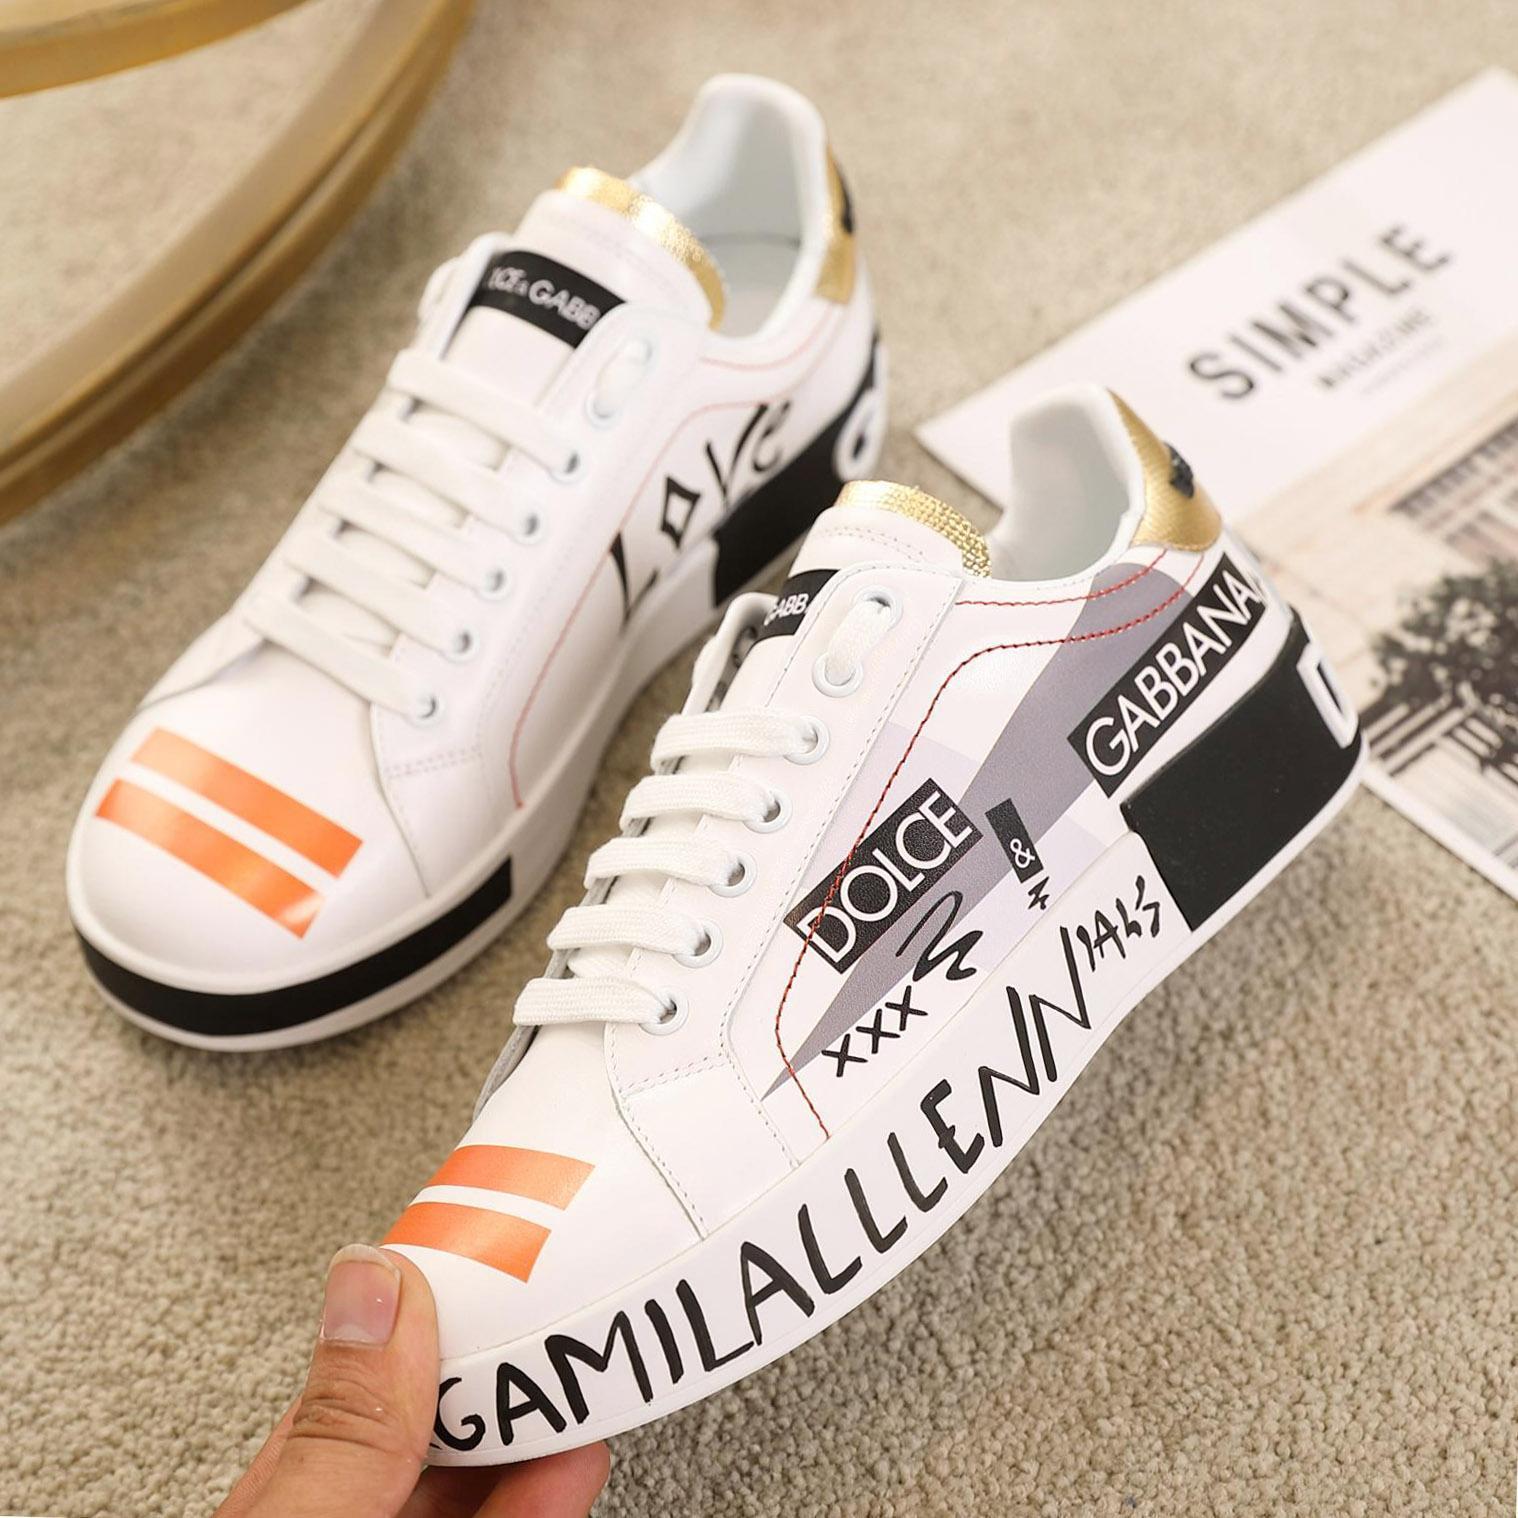 zapatos de lujo superior limitada de los hombres y las mujeres de cuero casual, alta calidad par de zapatos de la impresión del modelo de moda salvaje calzado deportivo Tamaño: 35-45 0031